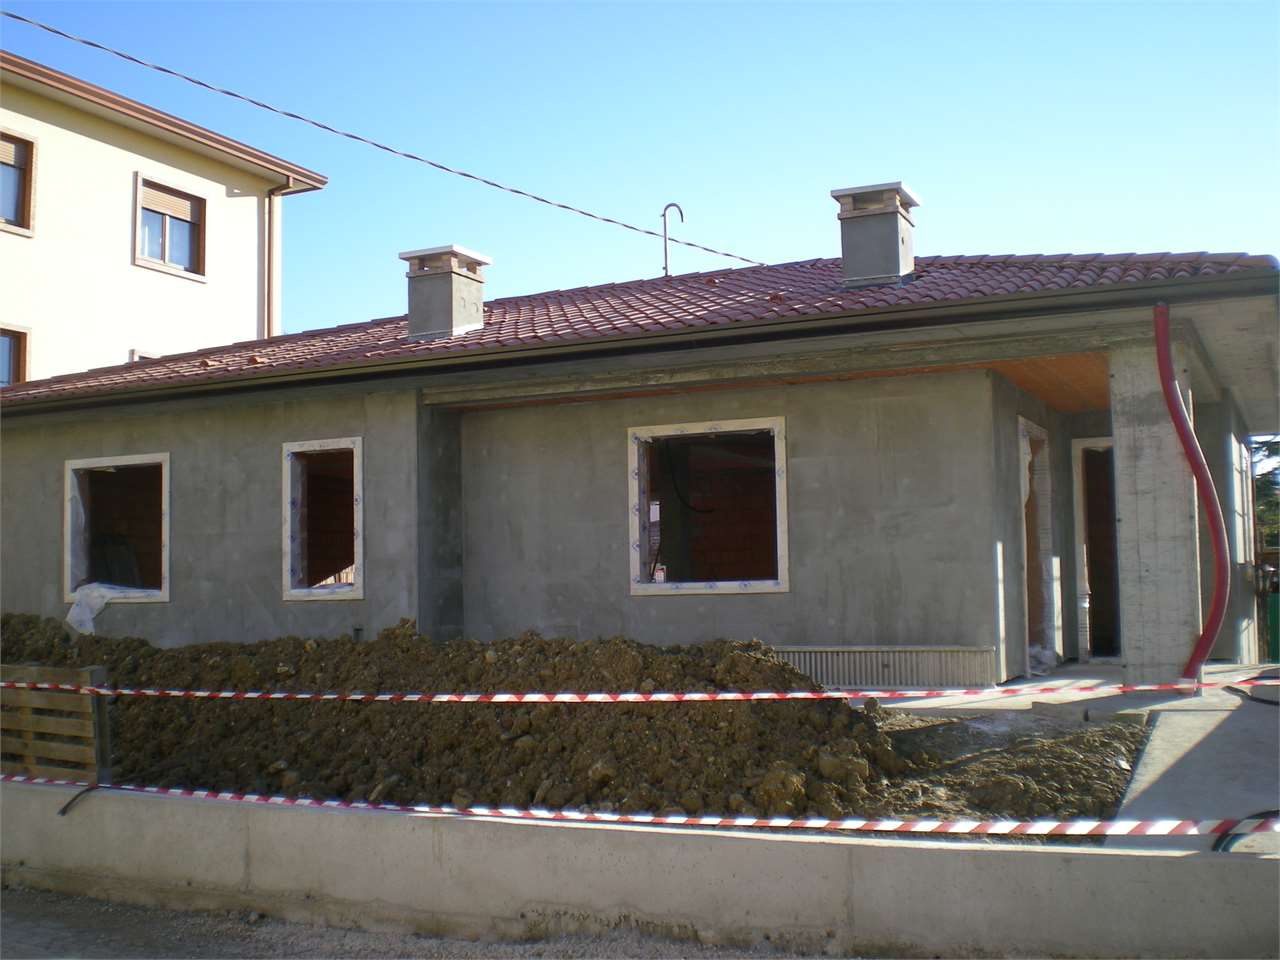 Appartamento in vendita a Cappella Maggiore, 5 locali, zona Zona: Anzano, Trattative riservate | CambioCasa.it